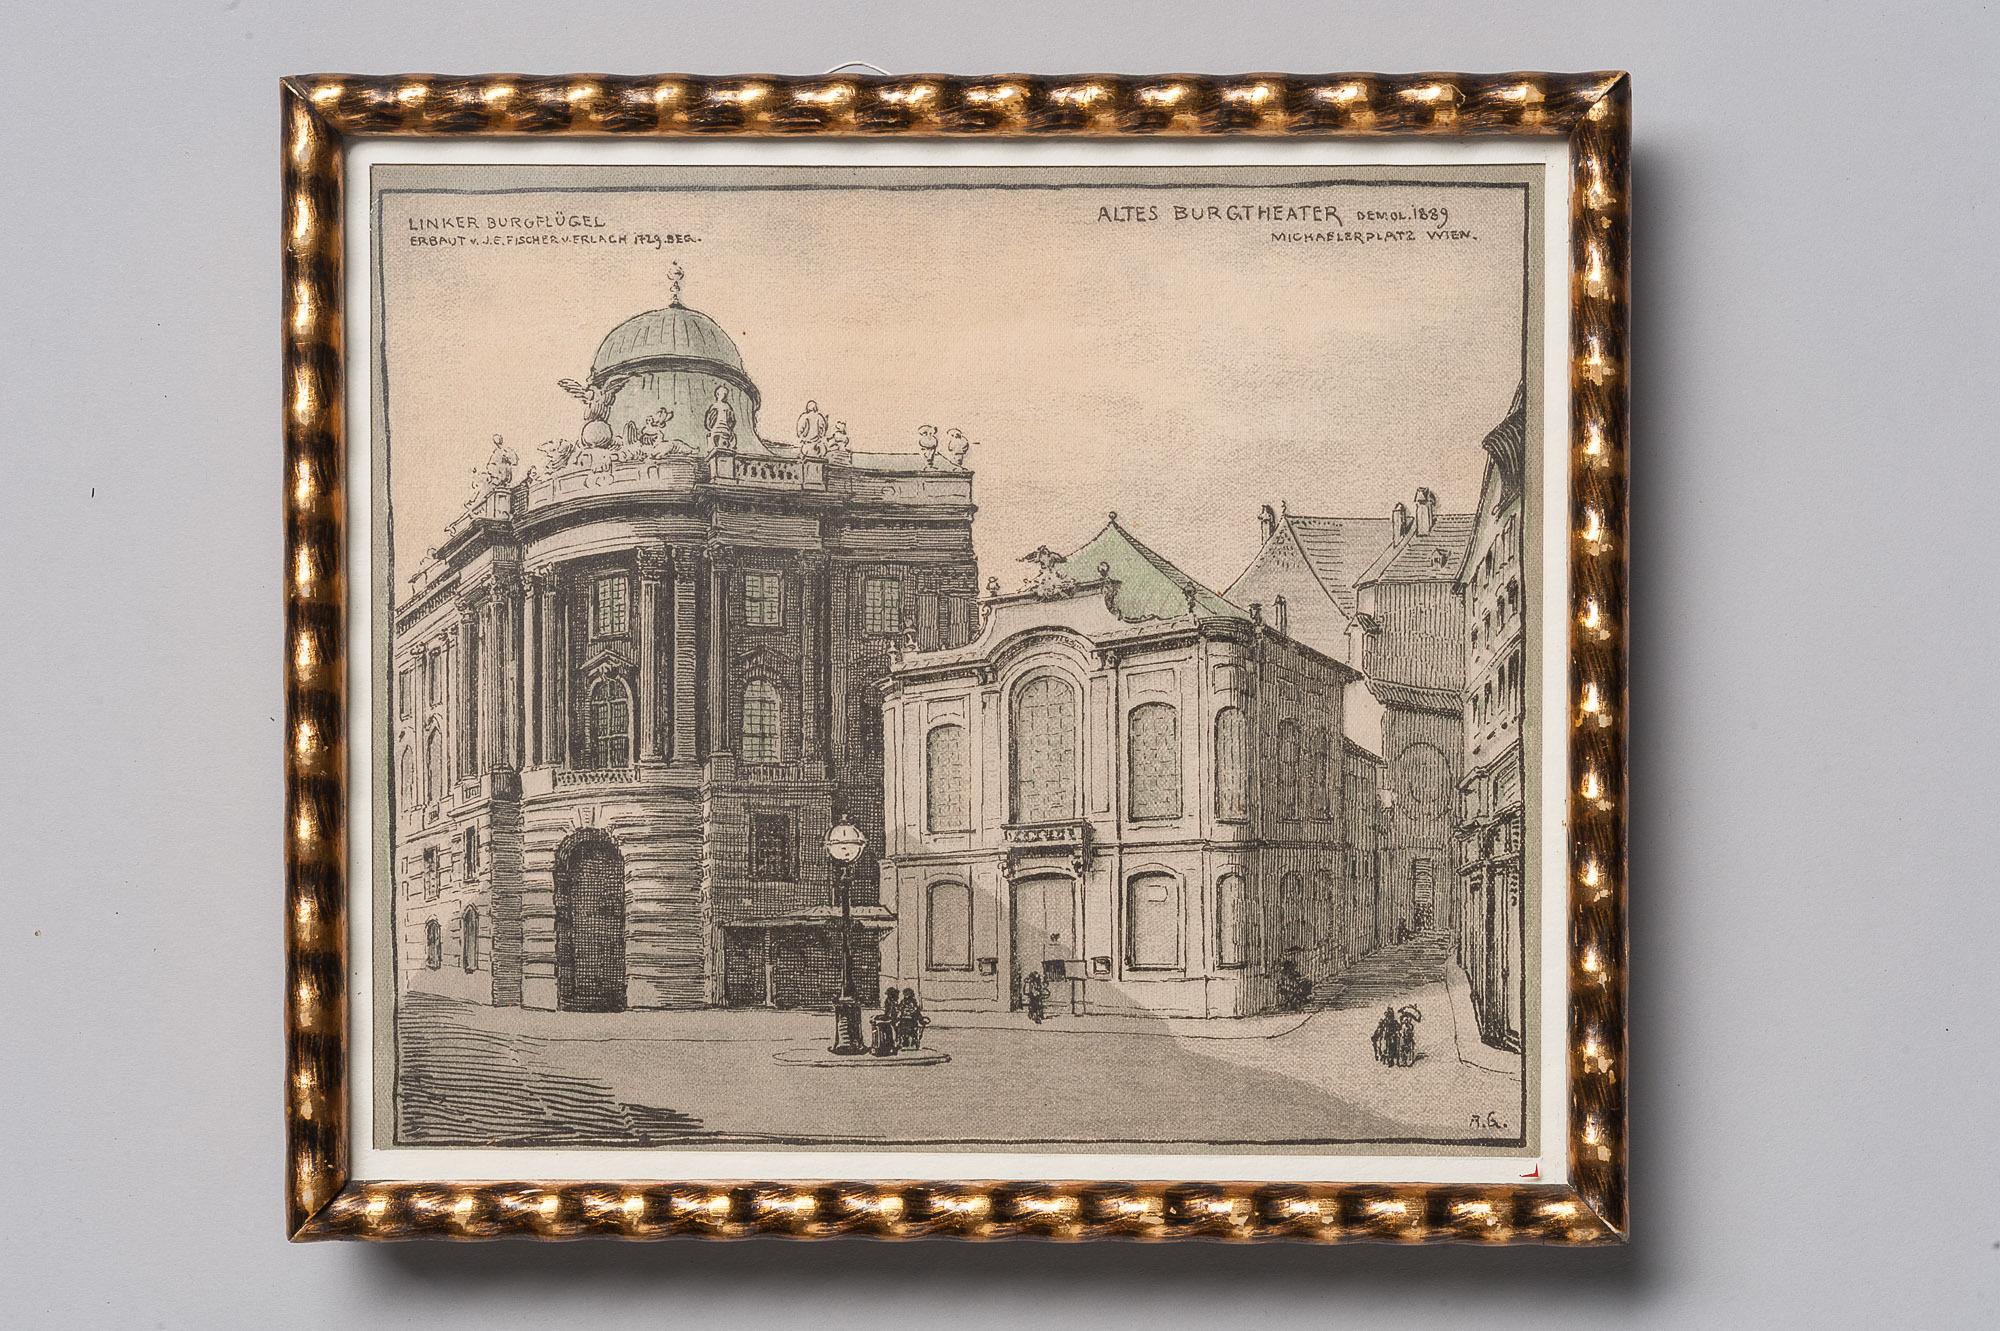 altes Burgtheater am Michaelerplatz von Altes Burgtheater